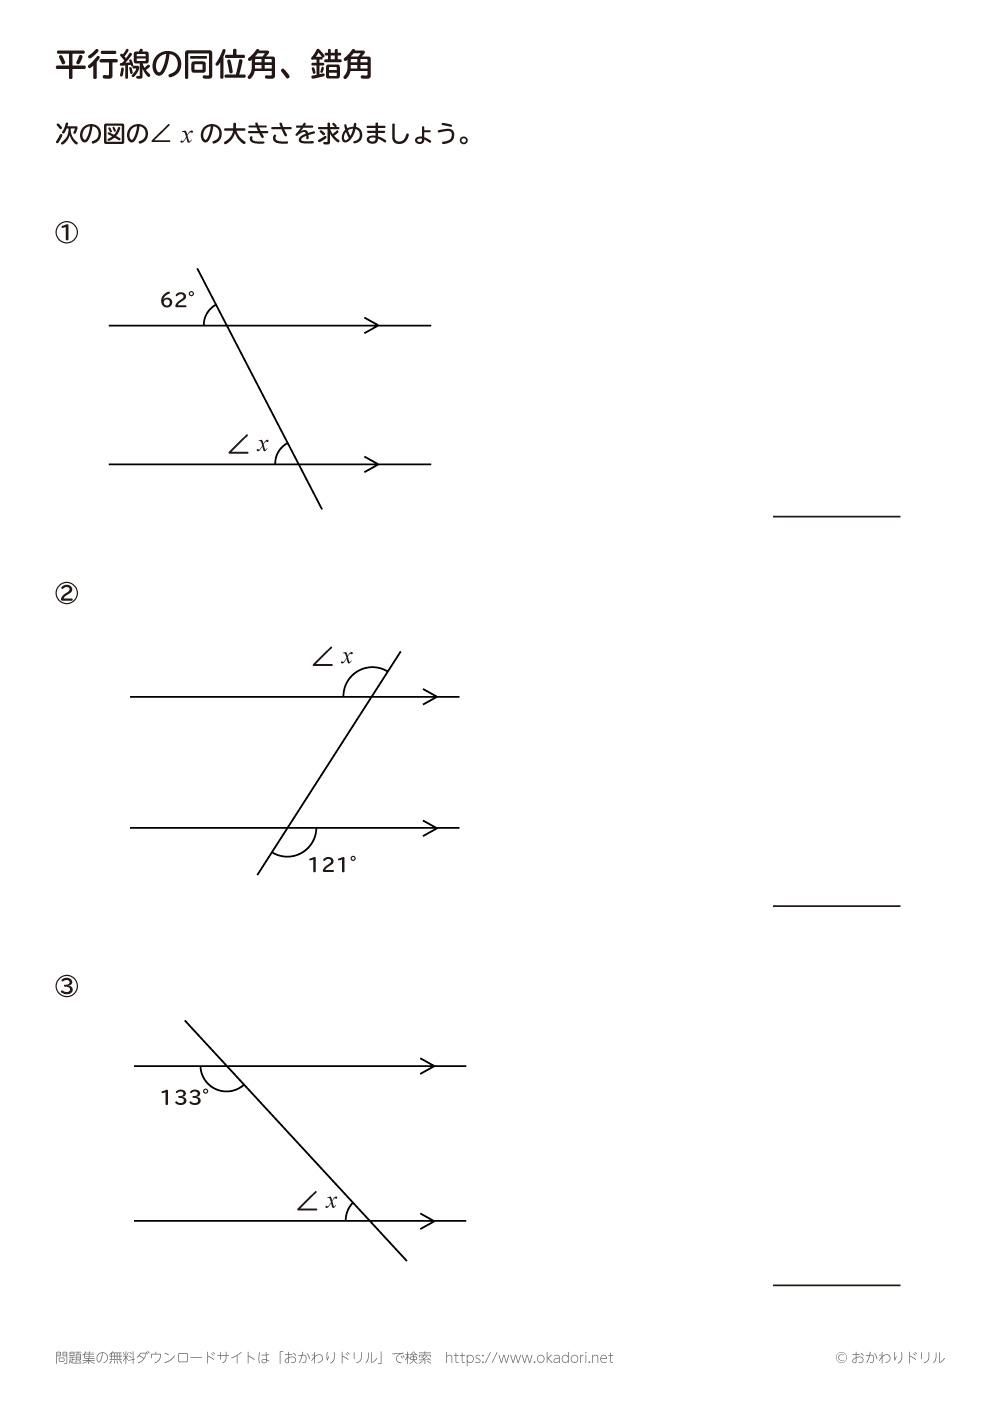 平行線の同位角、錯角を求める問題と答え1